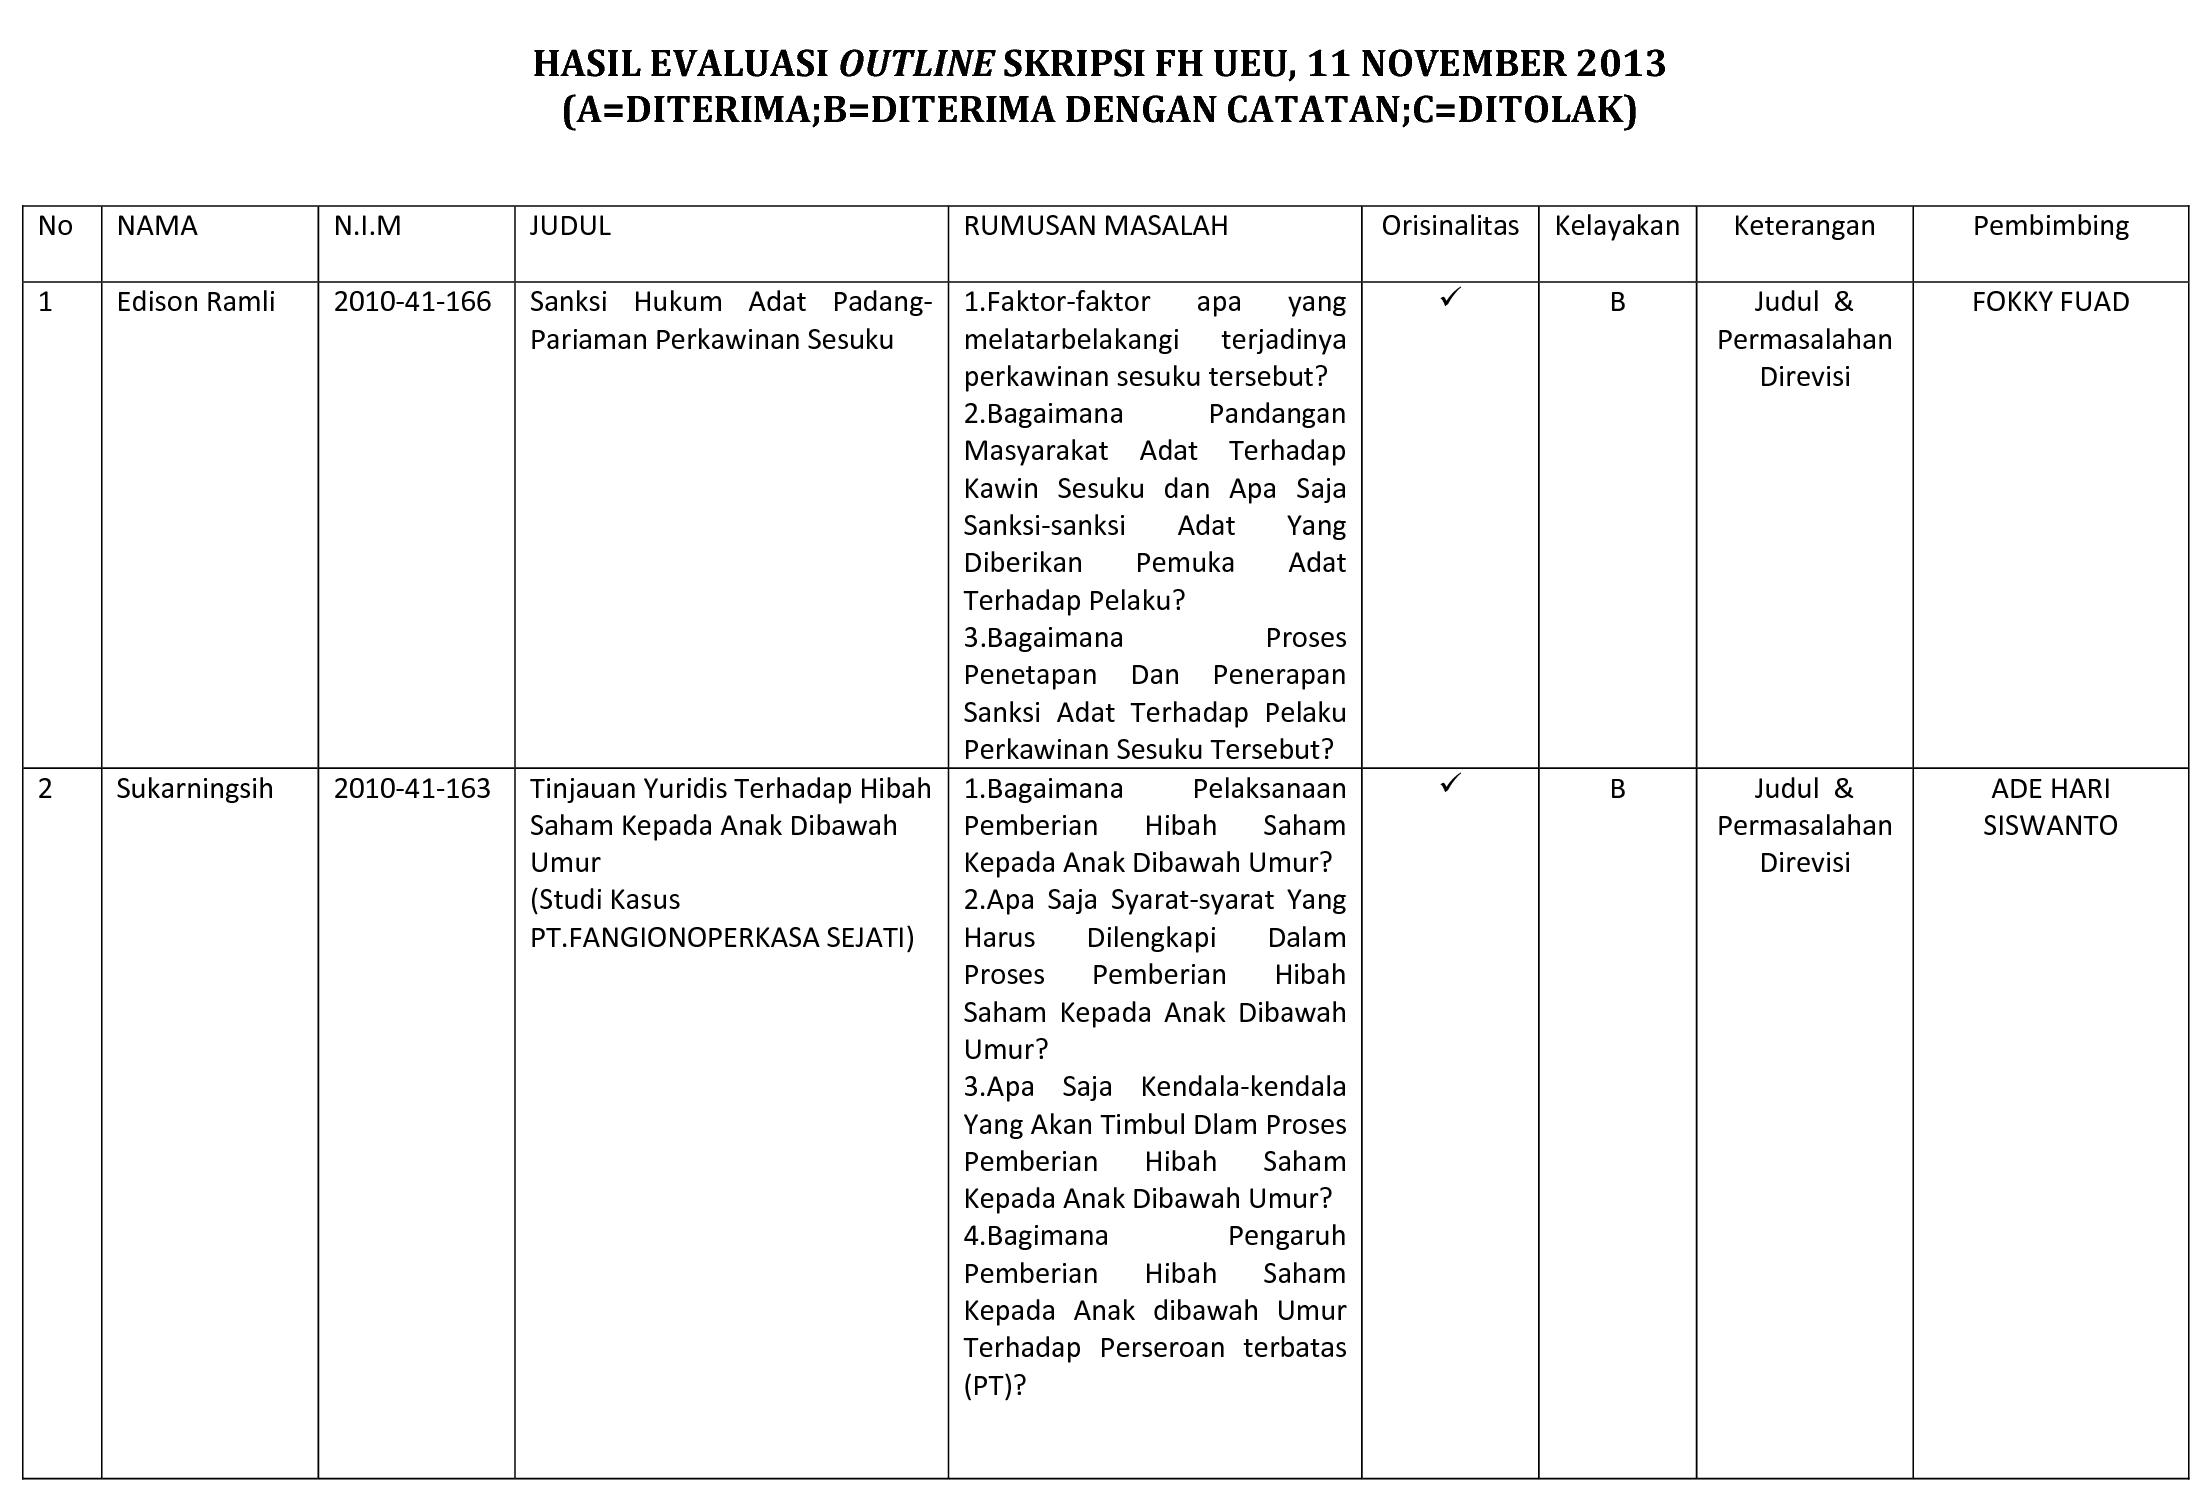 Hasil Evaluasi Outline Skripsi Fakultas Hukum Universitas Esa Unggul, 11 Nopember 2013